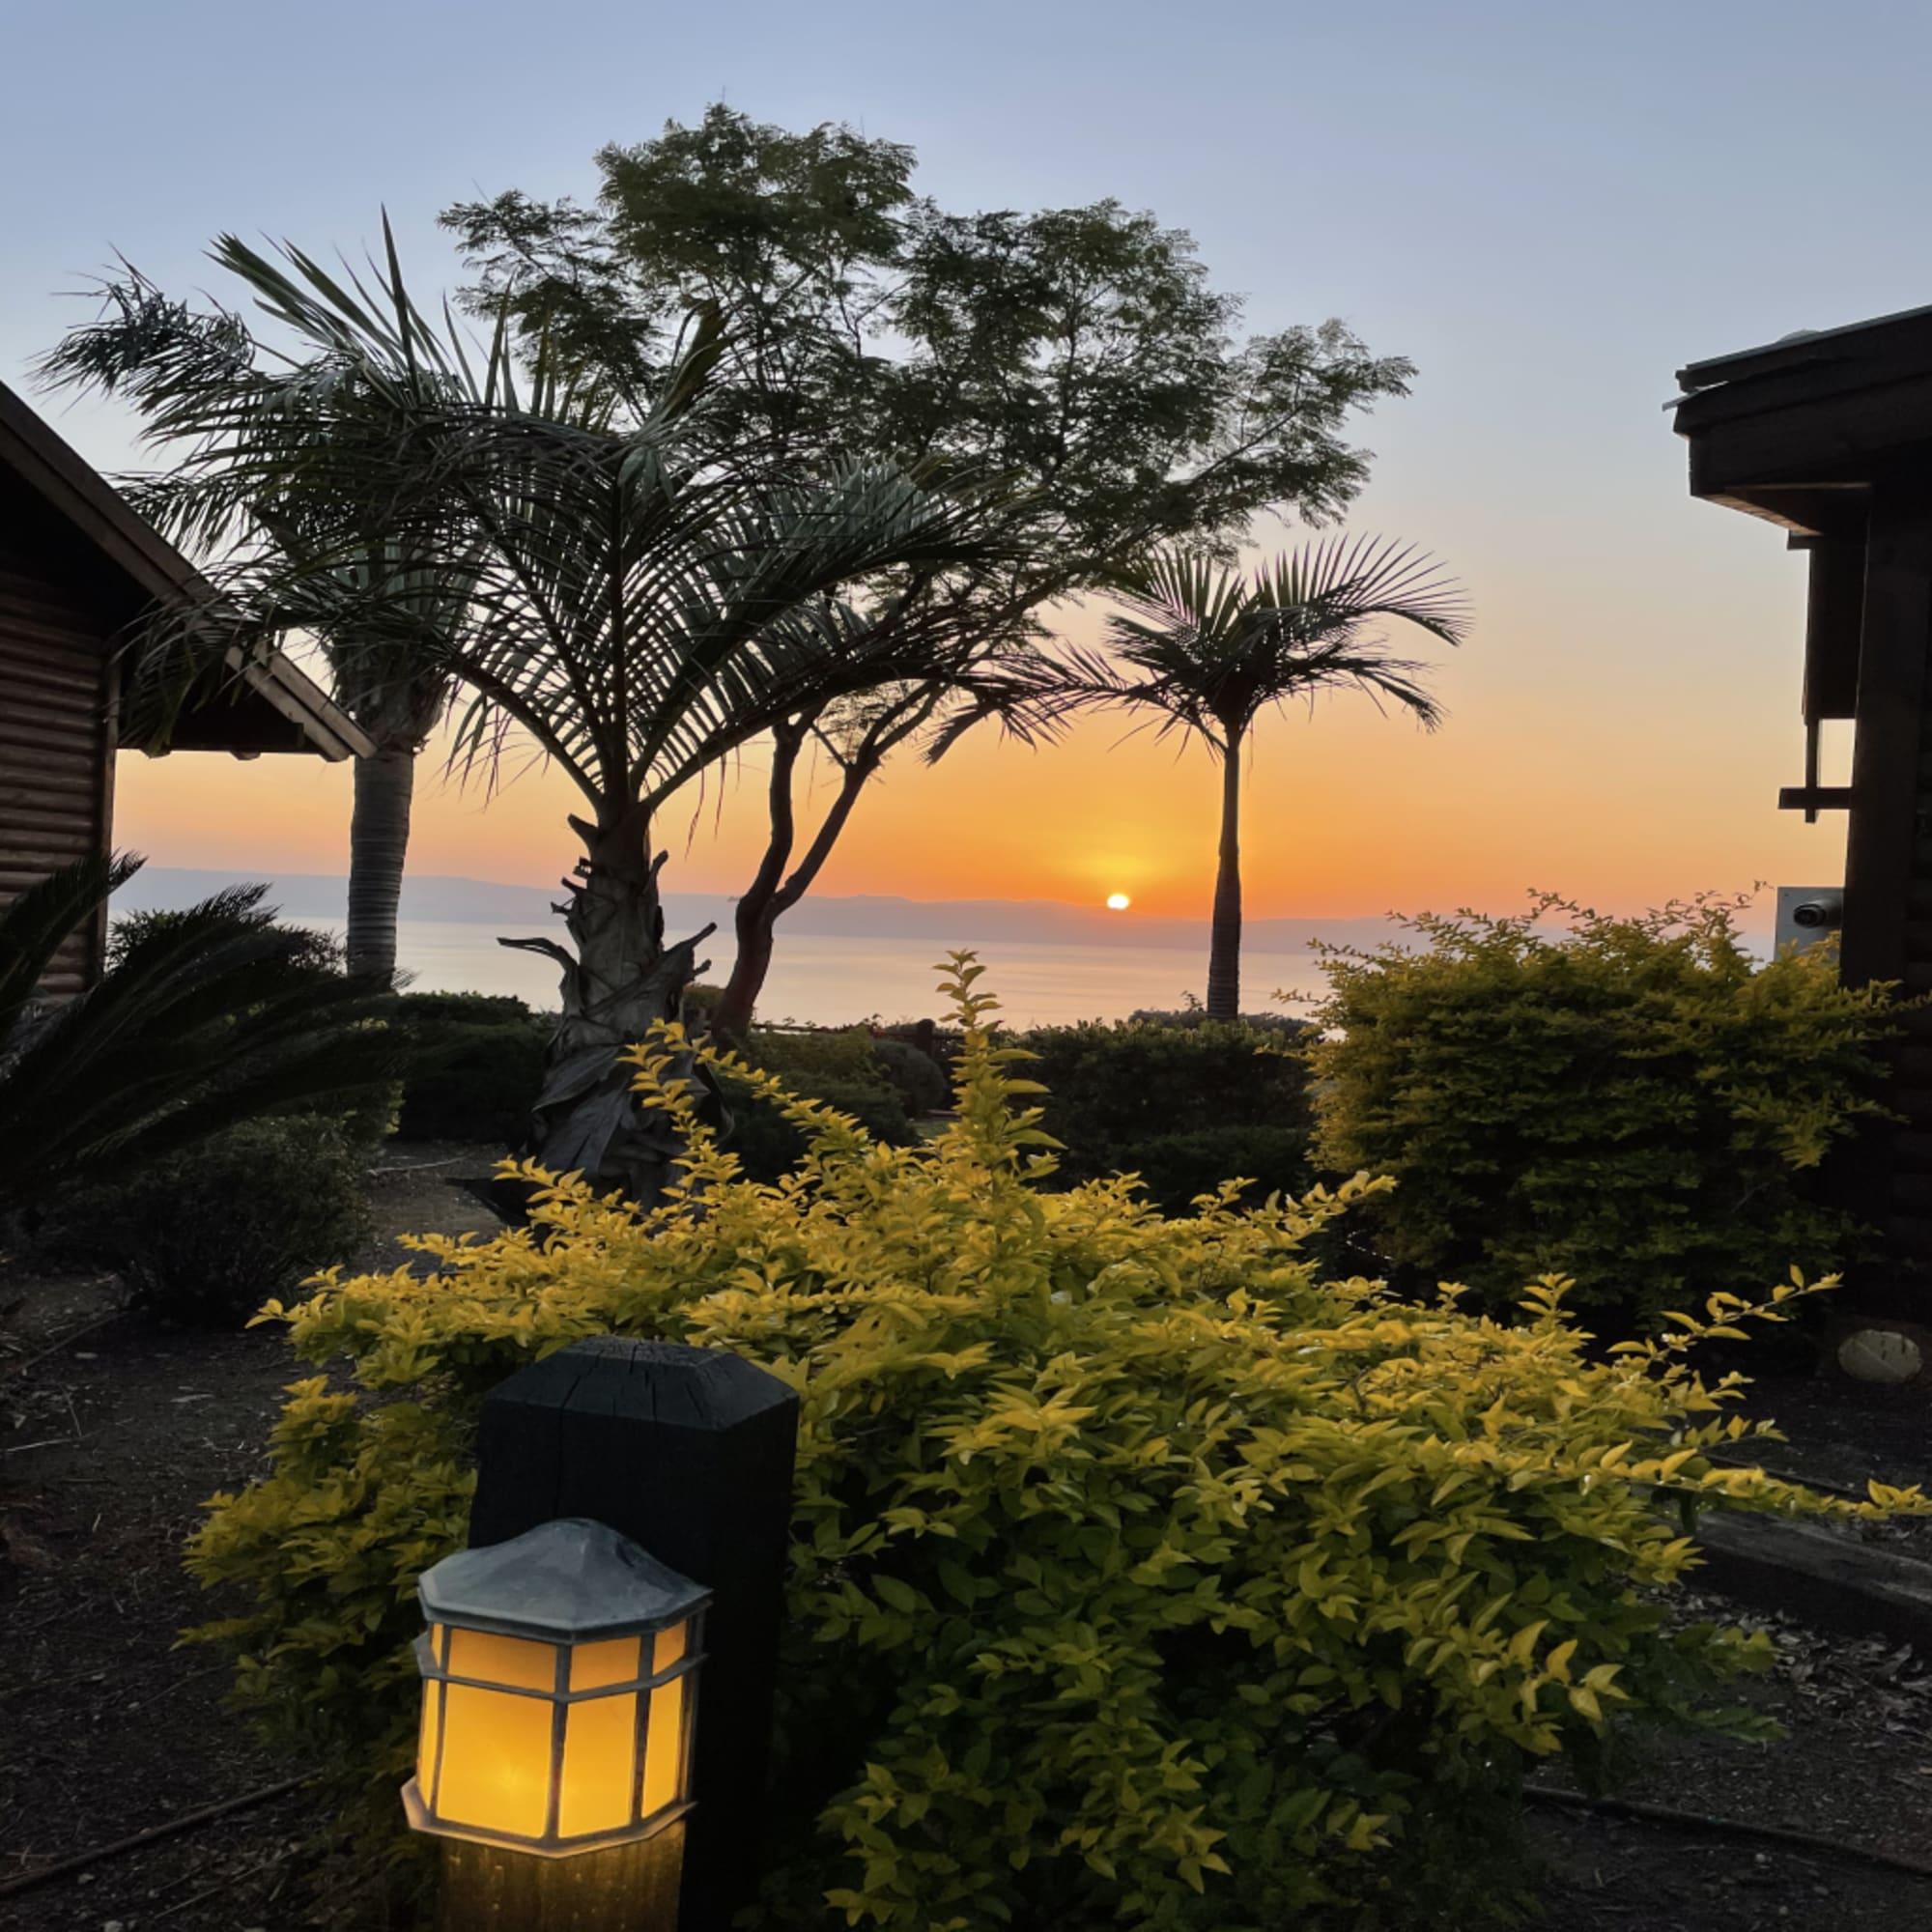 נוף לשקיעה במלון הנופש רמות